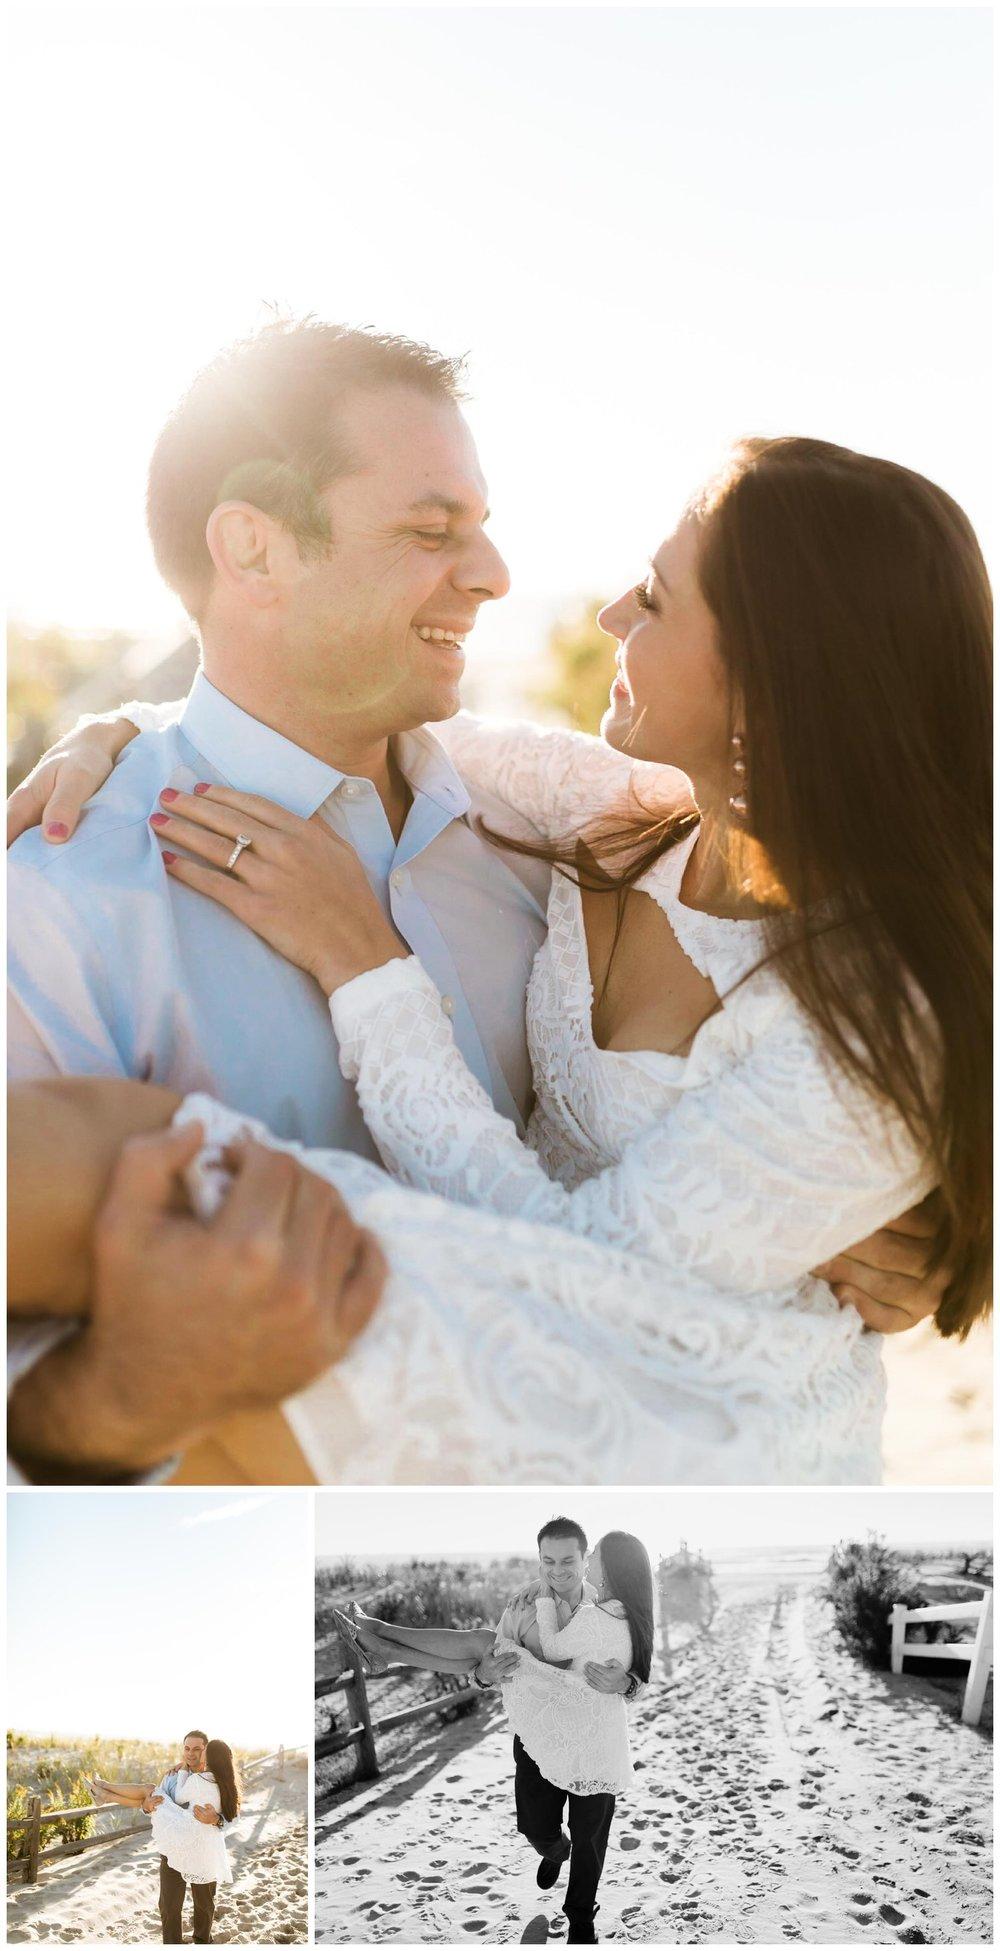 CarissaandJoe_NewJerseyEngagement_Engagement_OceanCity_NJ_Wedding_Photographer_MagdalenaStudios_0392.jpg